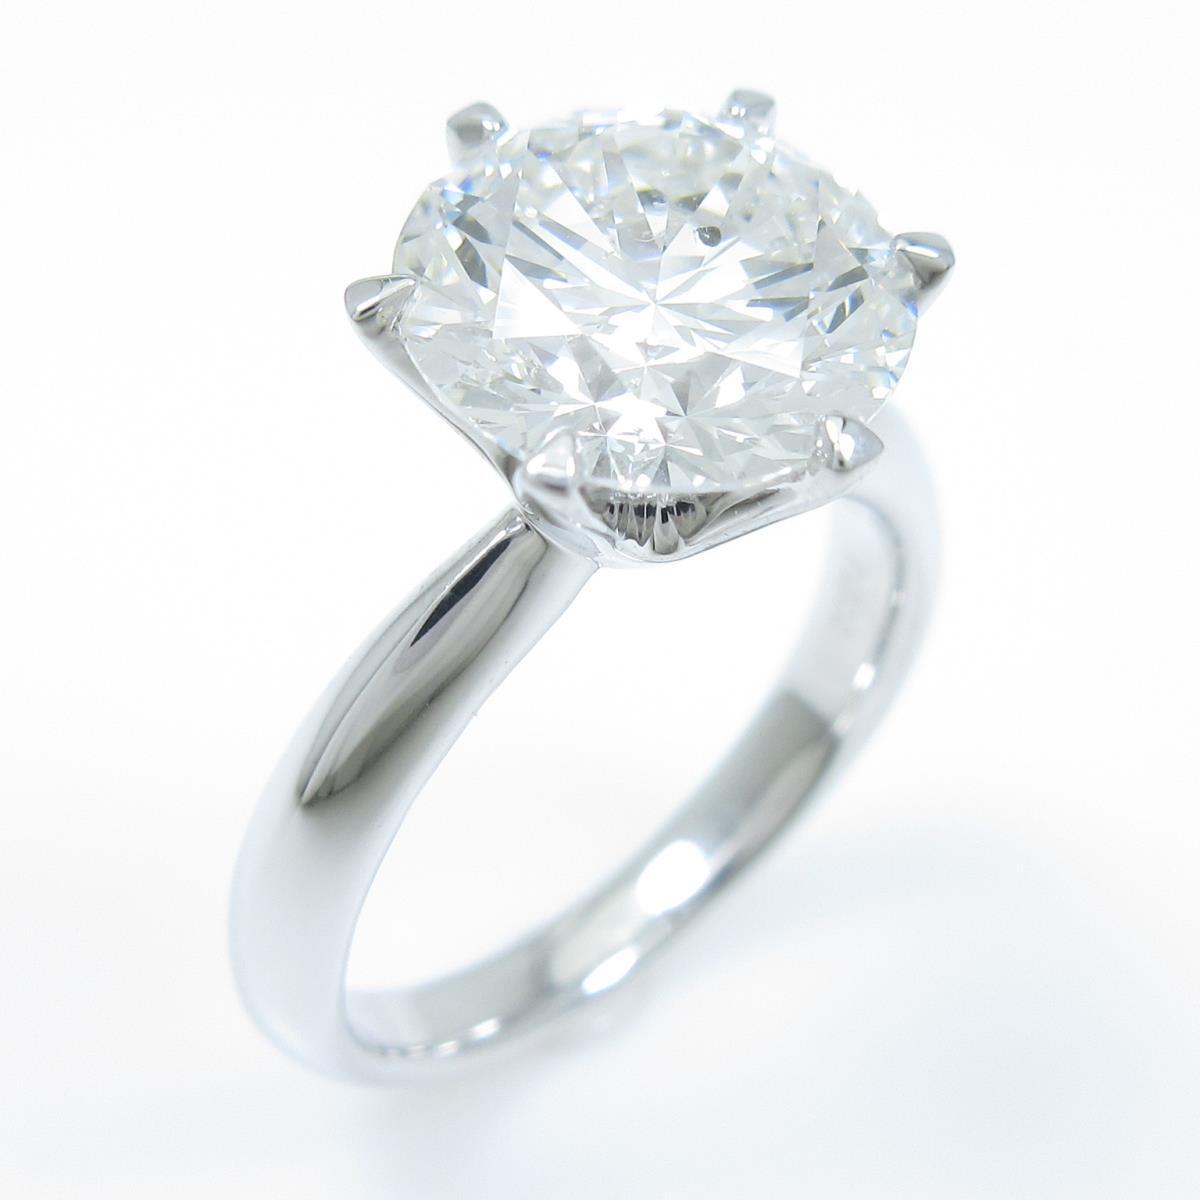 【リメイク】プラチナダイヤモンドリング 3.174ct・G・SI2・3EXT【中古】